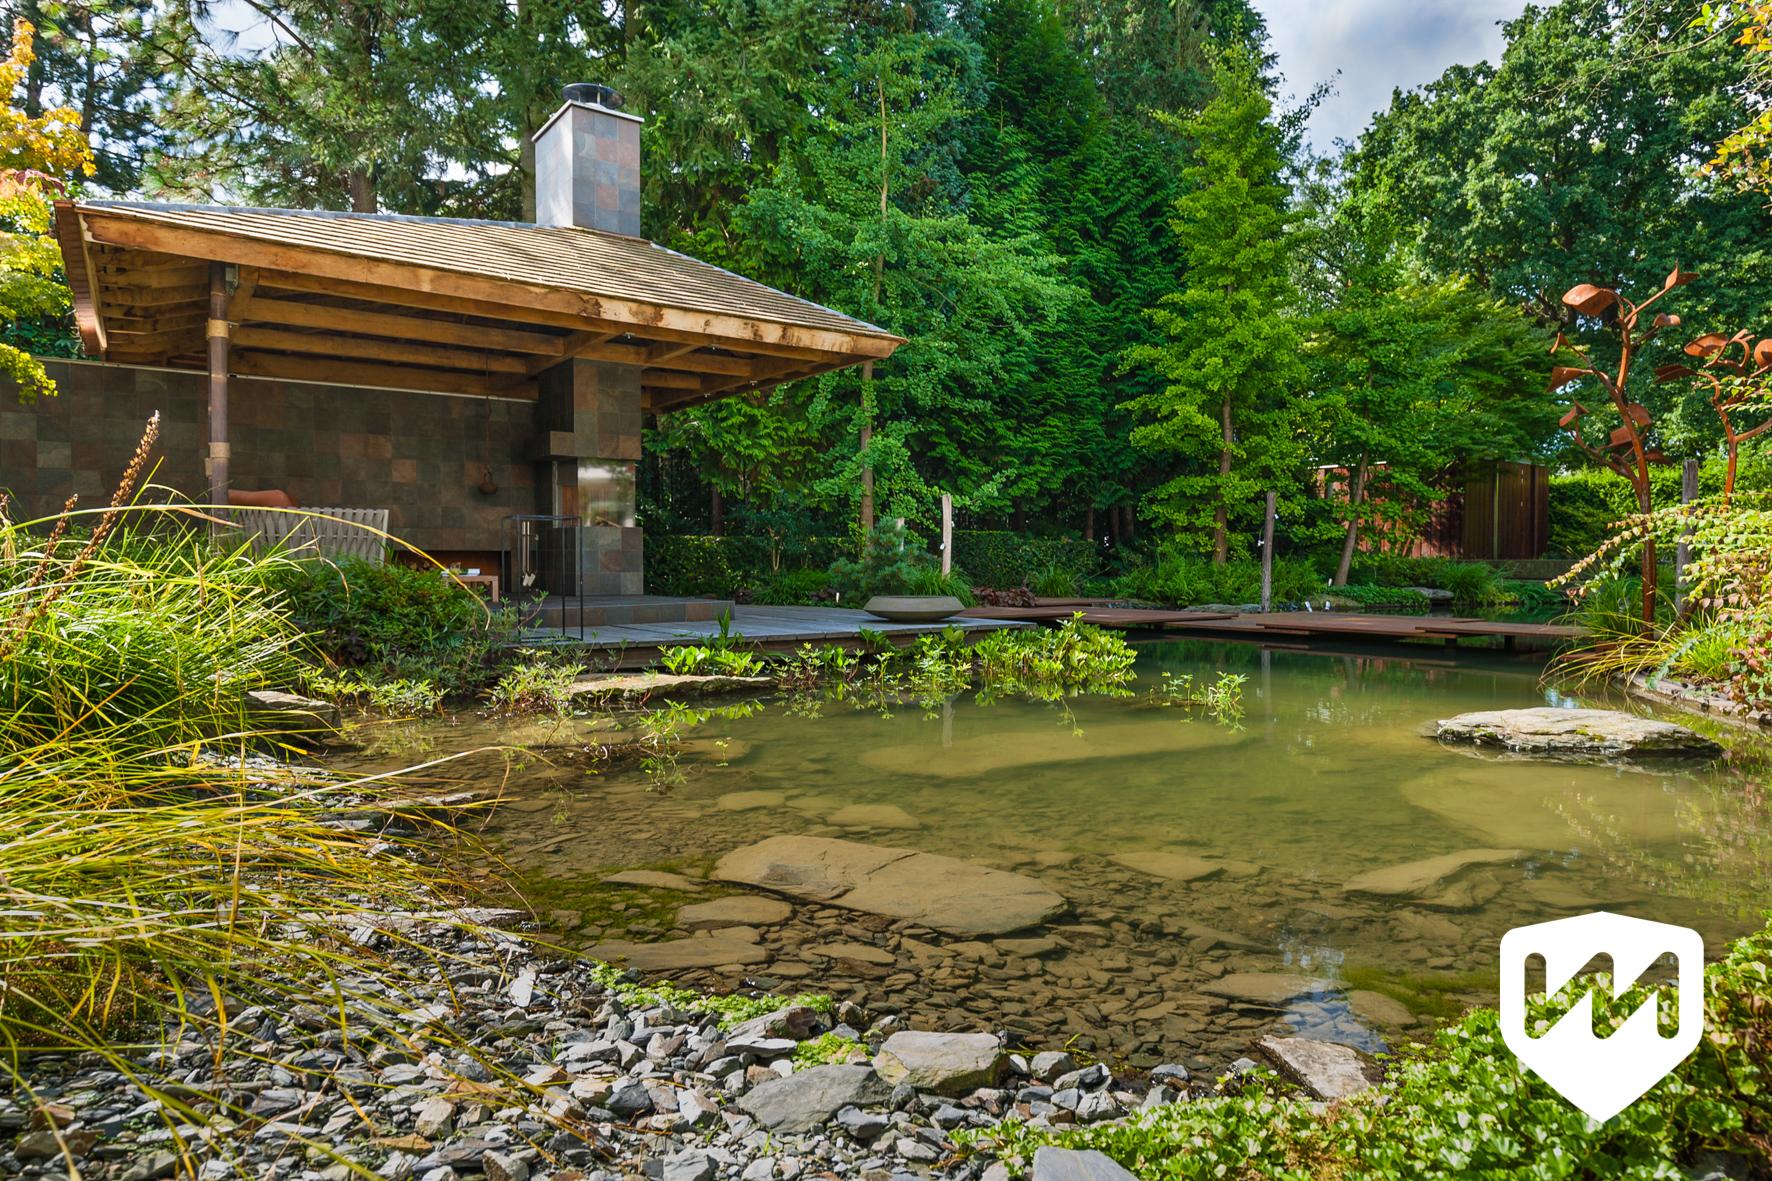 De japanse watertuin van mierlo tuinen